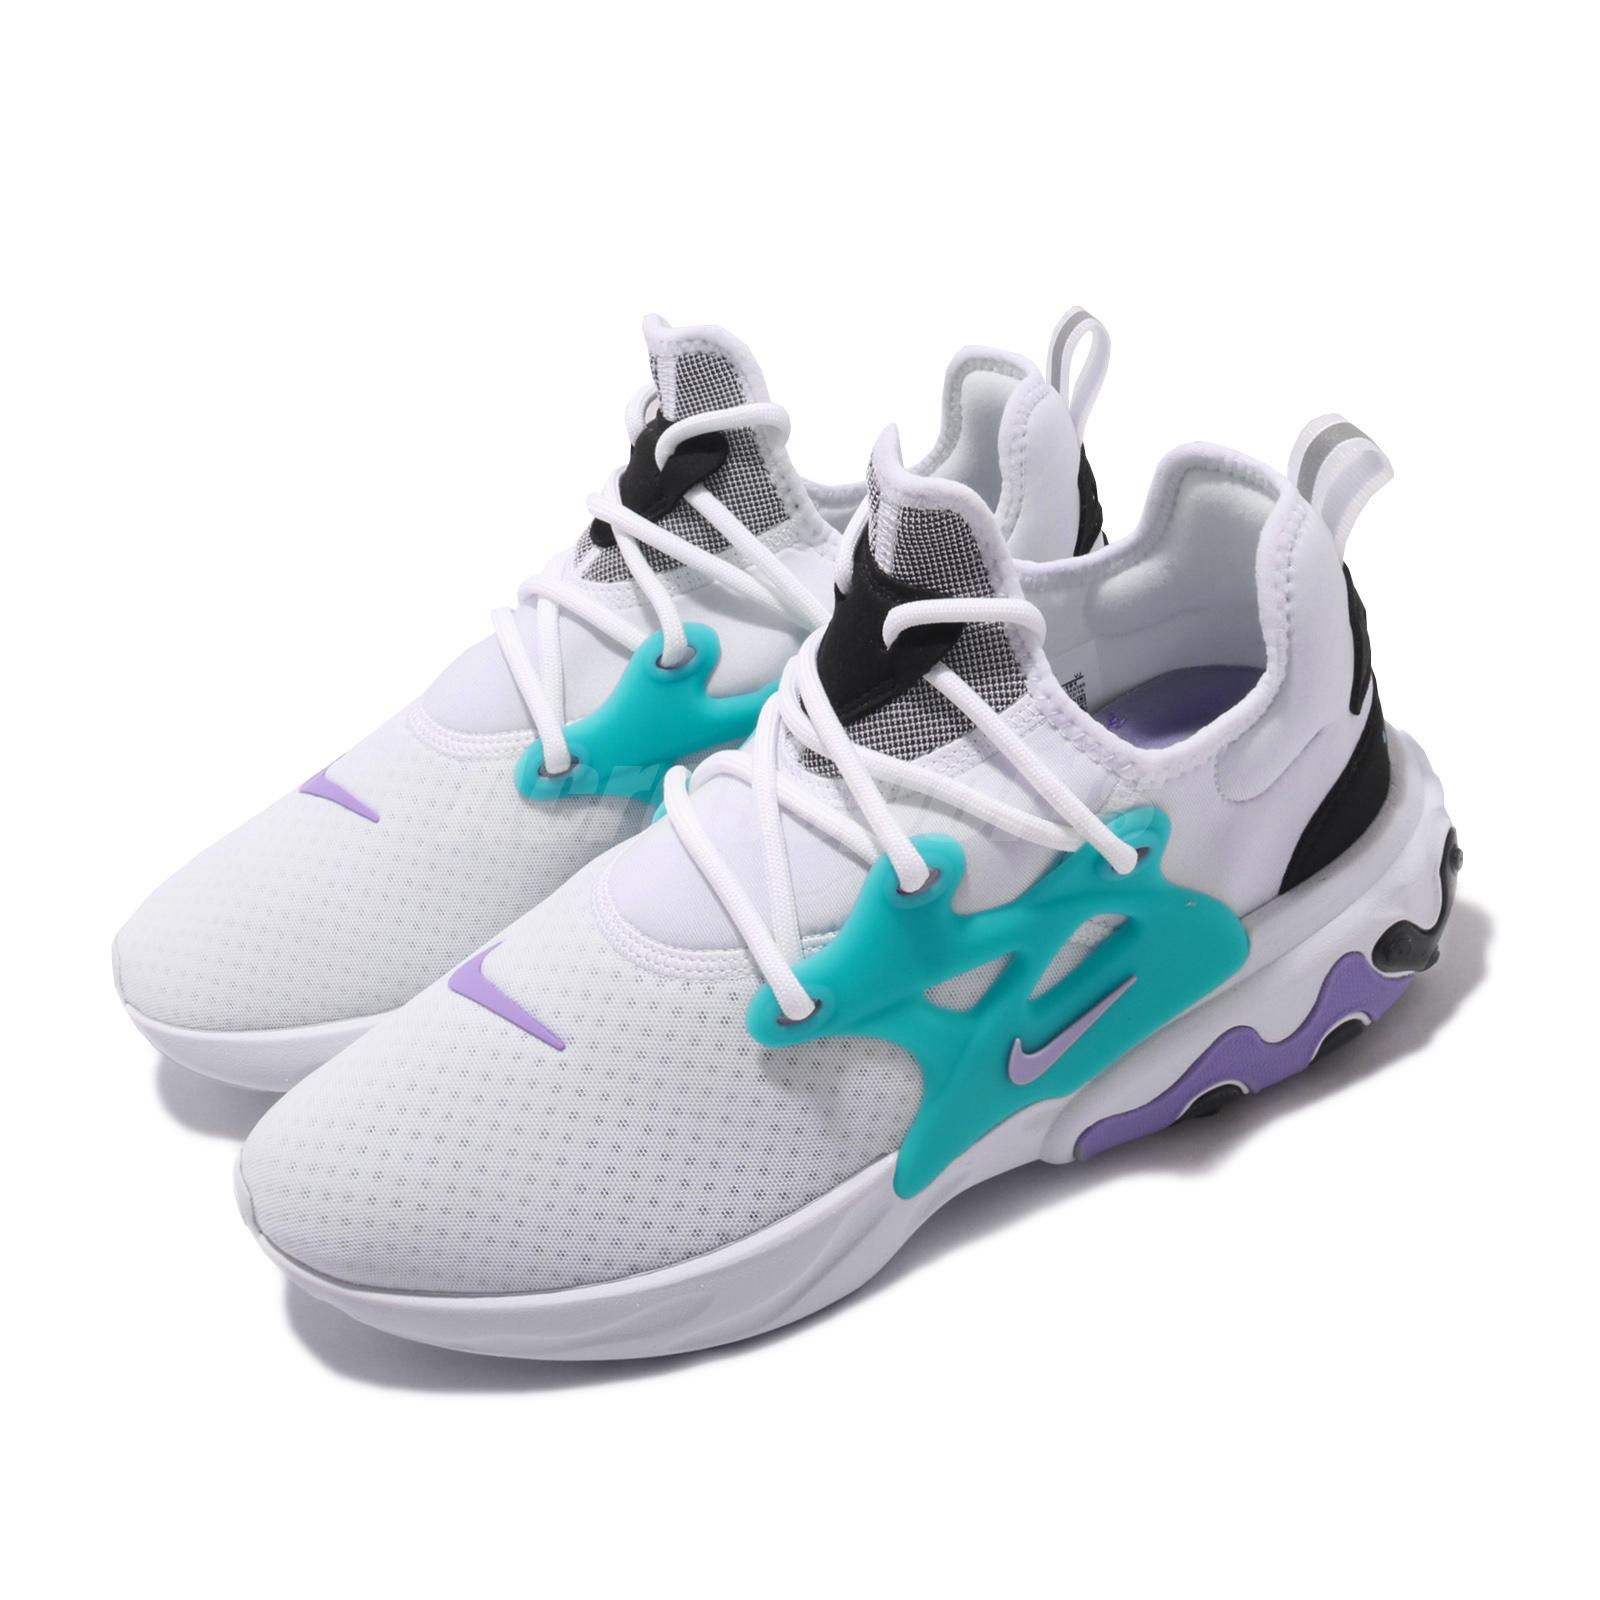 Details about Nike React Presto Cassette White Black Blue Purple Men  Running Shoes AV2605-101